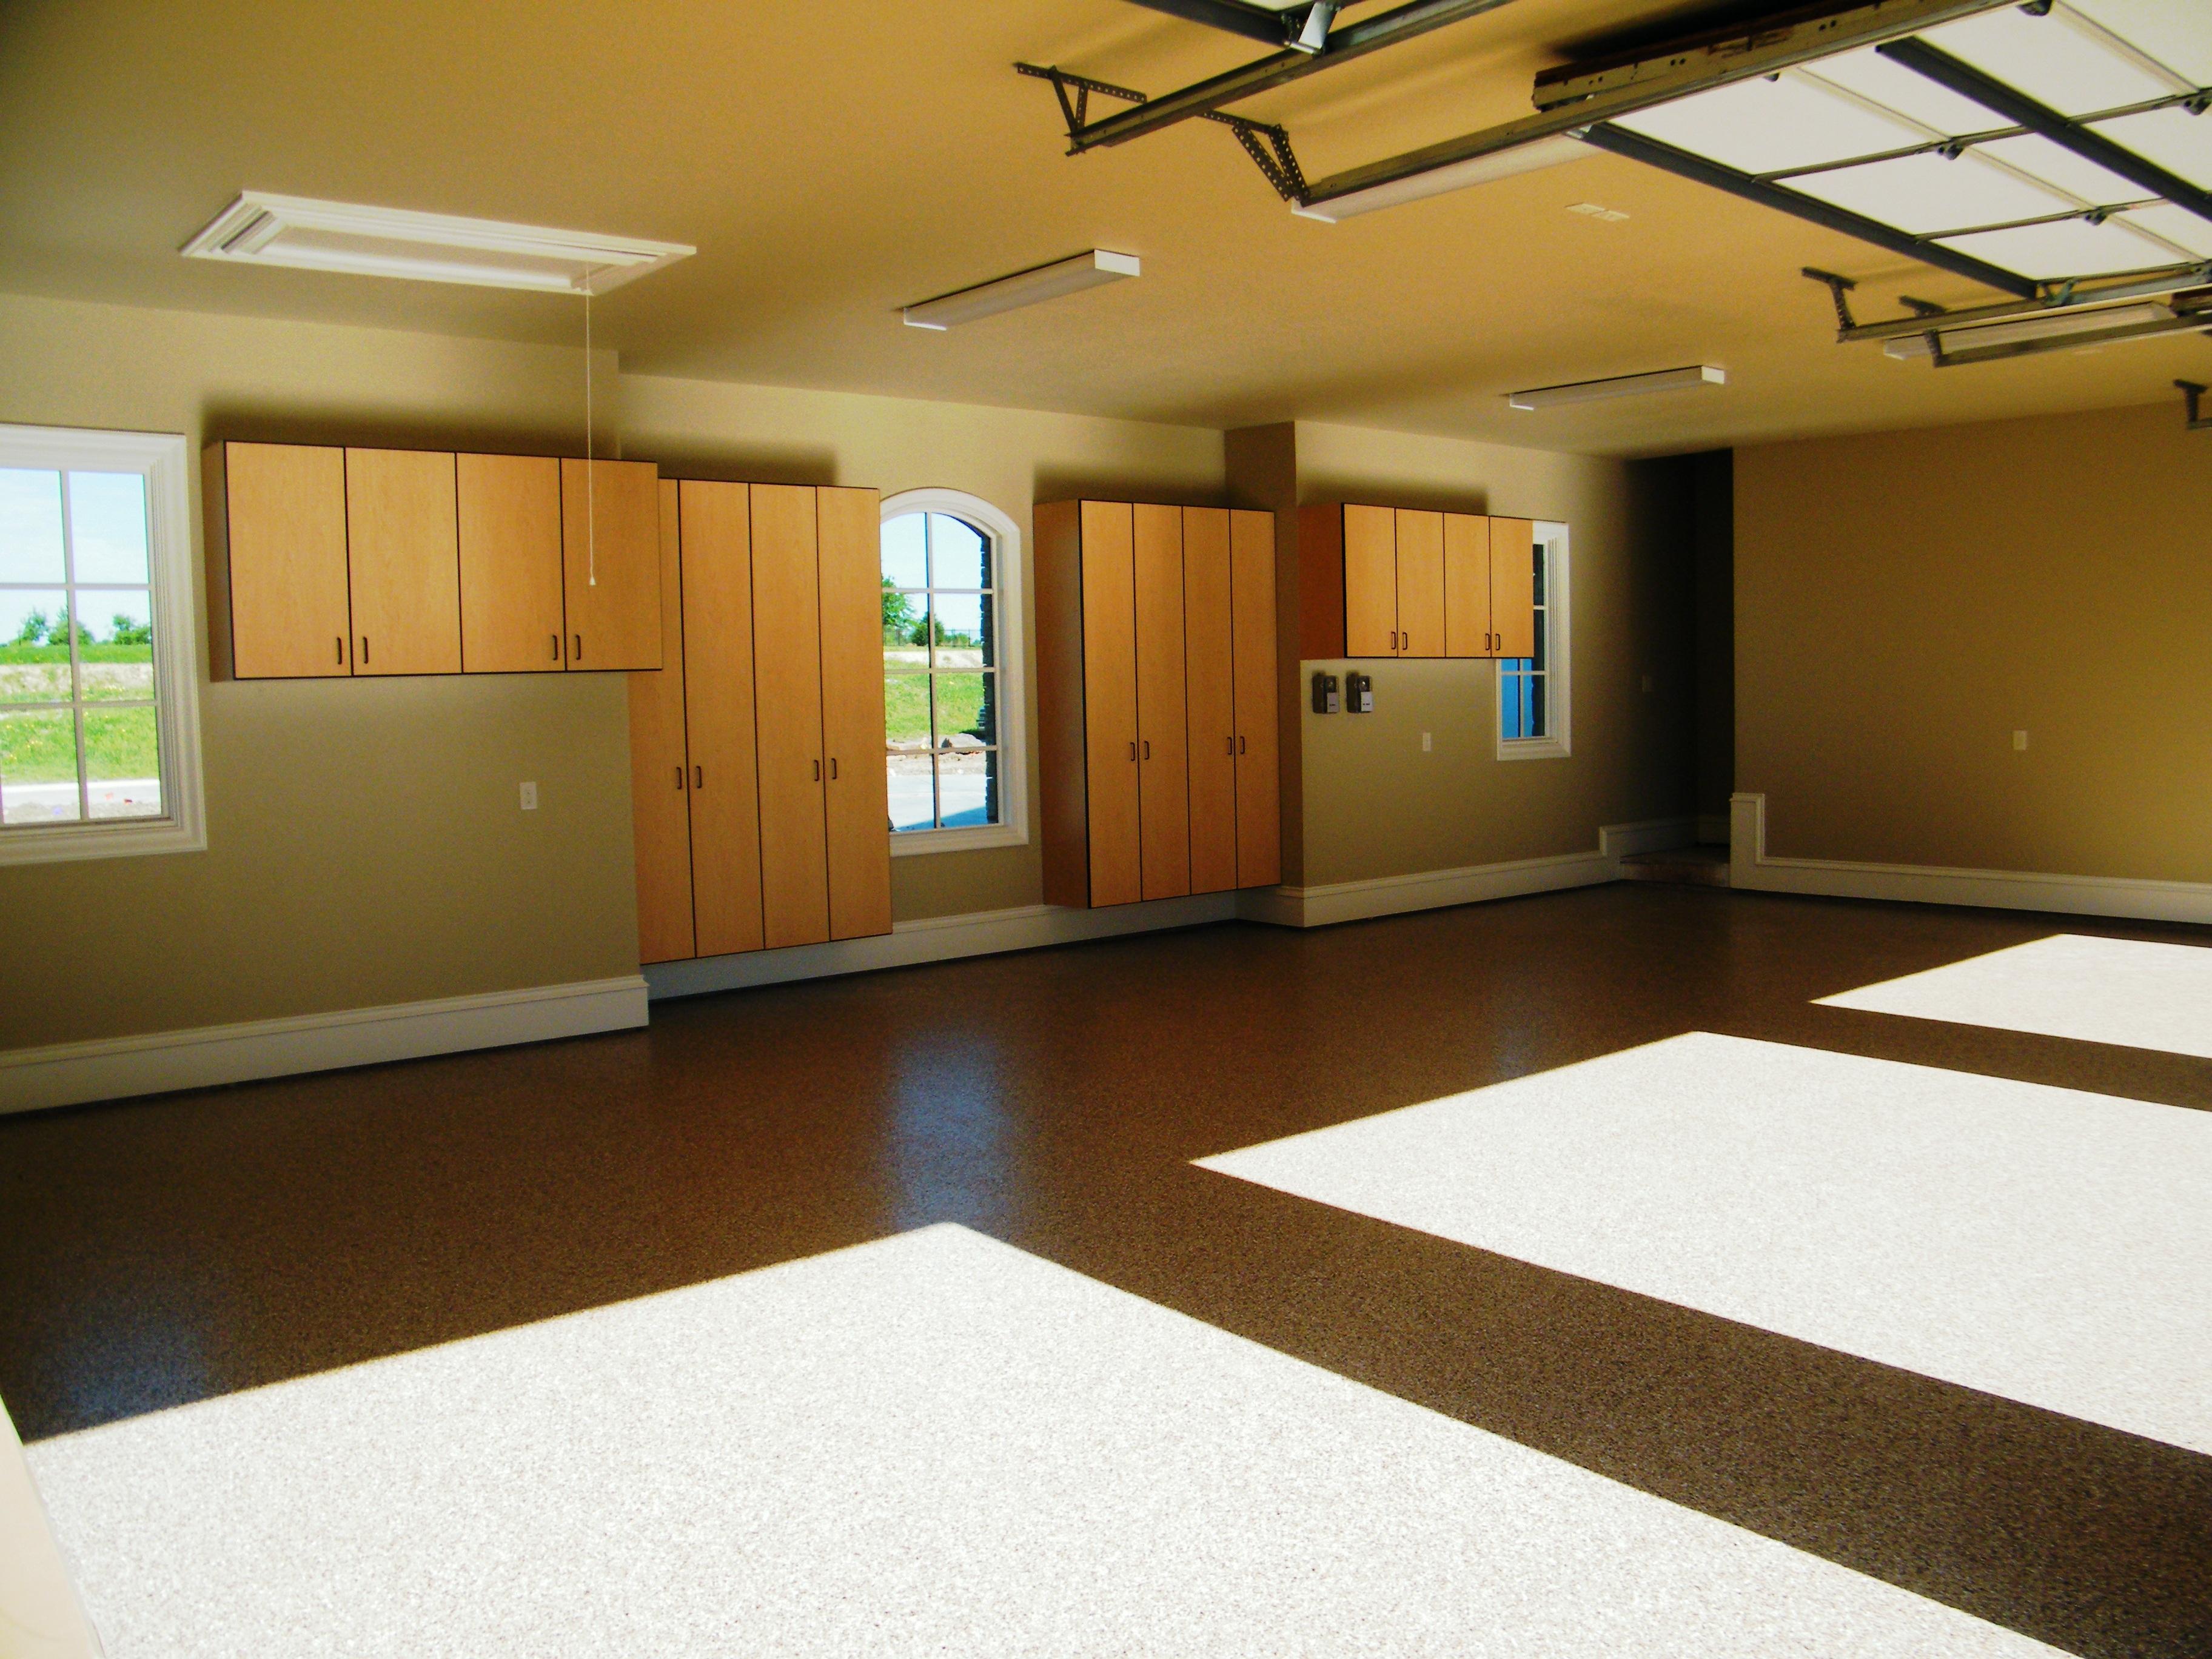 Custom garage works lewisville tx 75057 angies list - The interiorlist ...